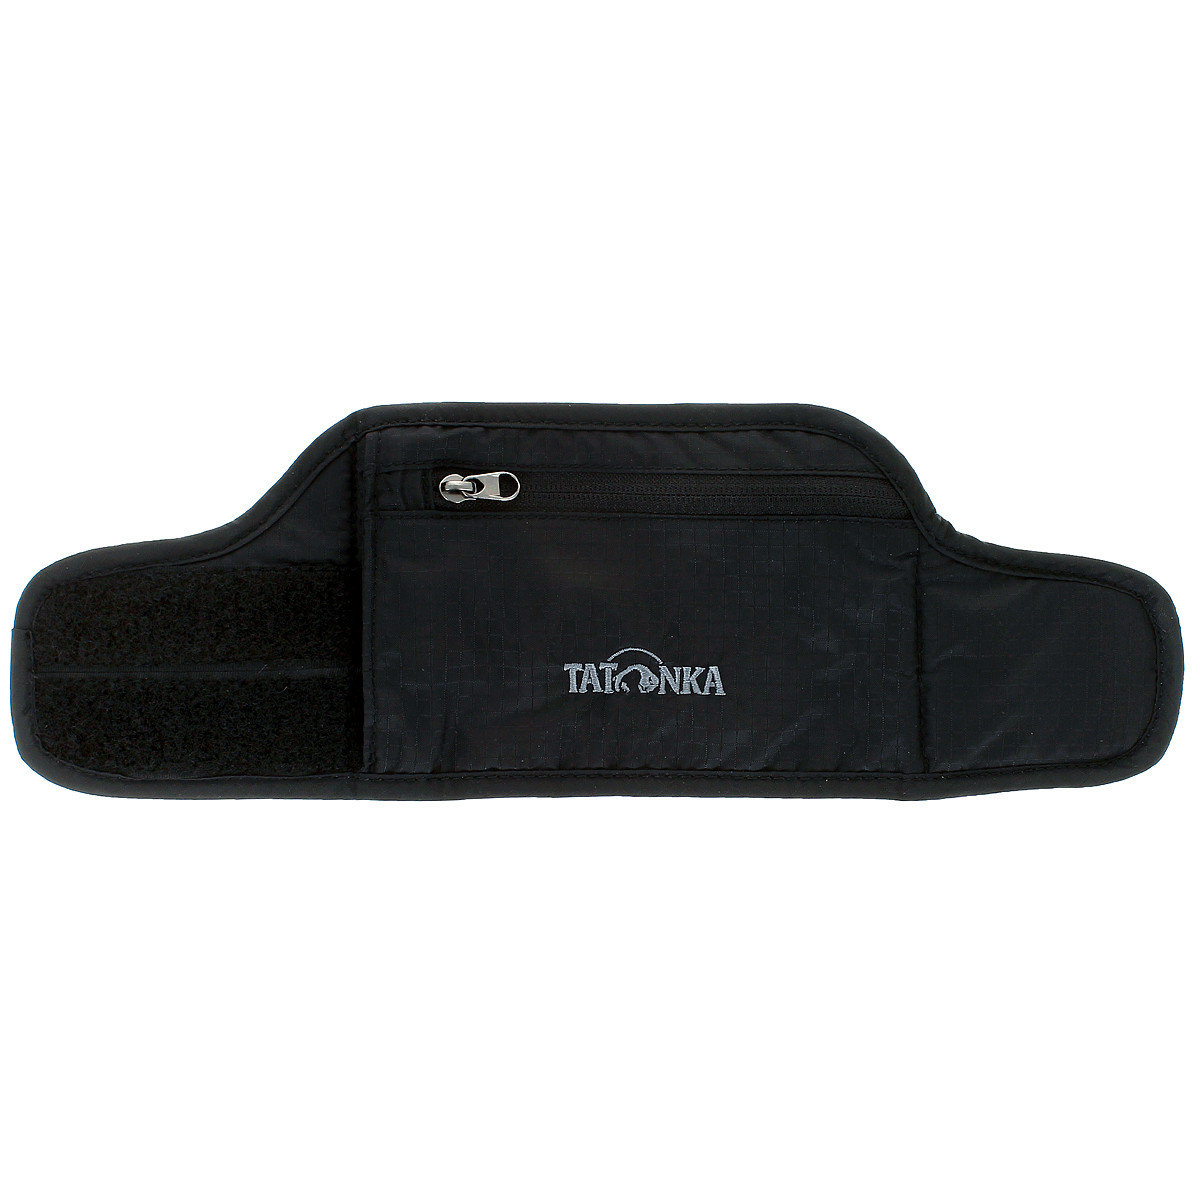 Кошелек на запястье Tatonka Skin Wrist Wallet, потайной, цвет: черный2855.040Потайной кошелек на запястье Skin Wrist Wallet легко накладывается на руку посредством липучки и приятен для кожи. Кошелек имеет одно отделение на застежке-молнии. С обратной стороны он дополнен специальной комфортной подкладкой из мягкого материала, которая не раздражает кожу. Материал: 210T Nylon Rip Stop.